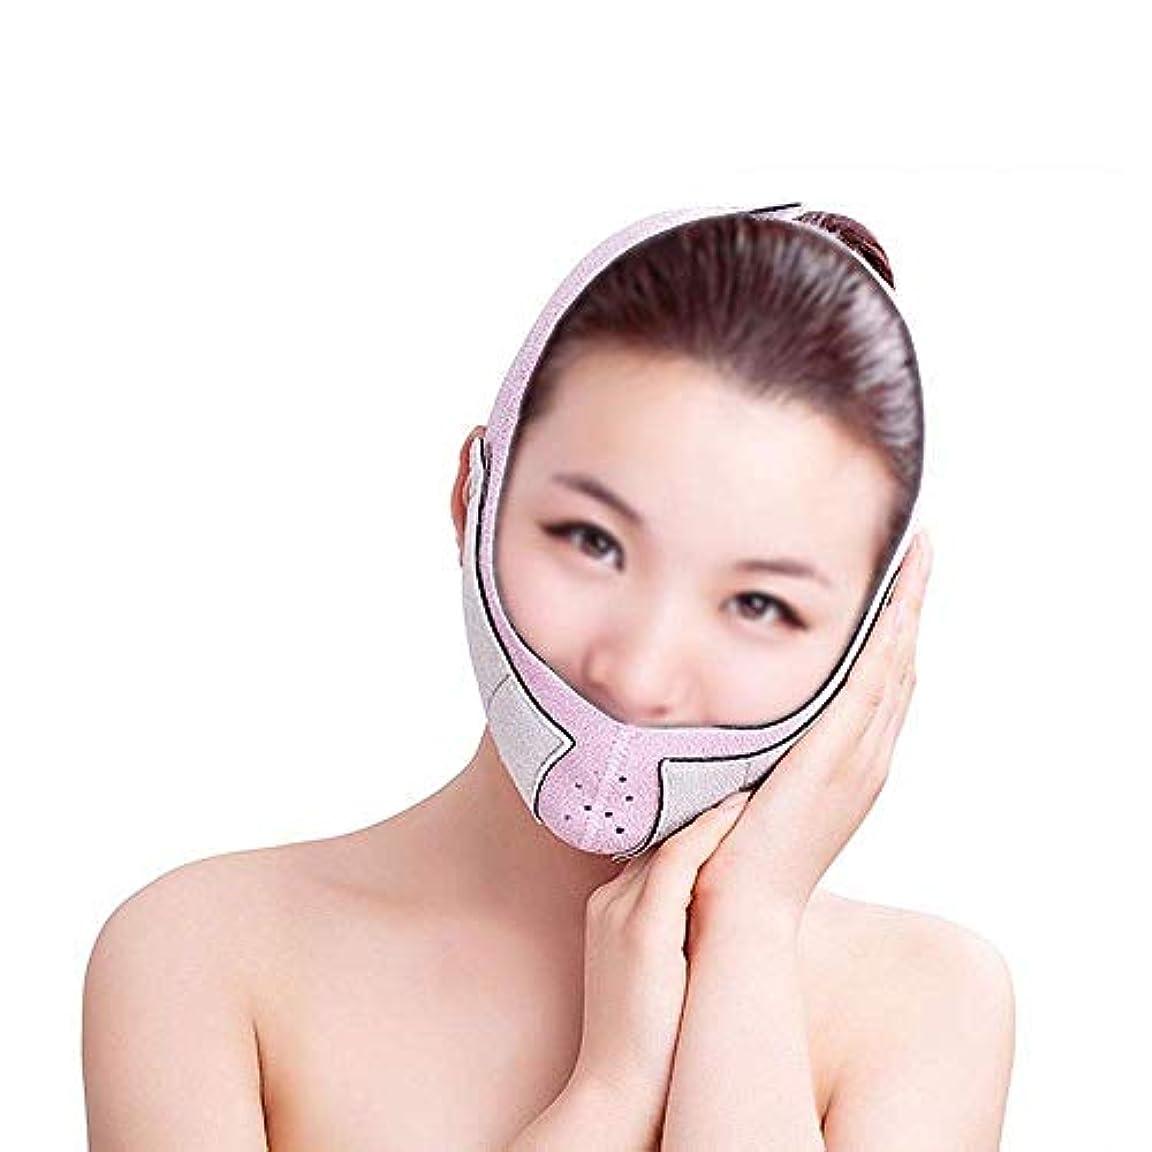 私達独立したごめんなさいフェイスリフトマスク、スリミングベルト薄いフェイスマスク強力なリフティング小さなV顔薄い顔包帯美容顔リフティングデバイス